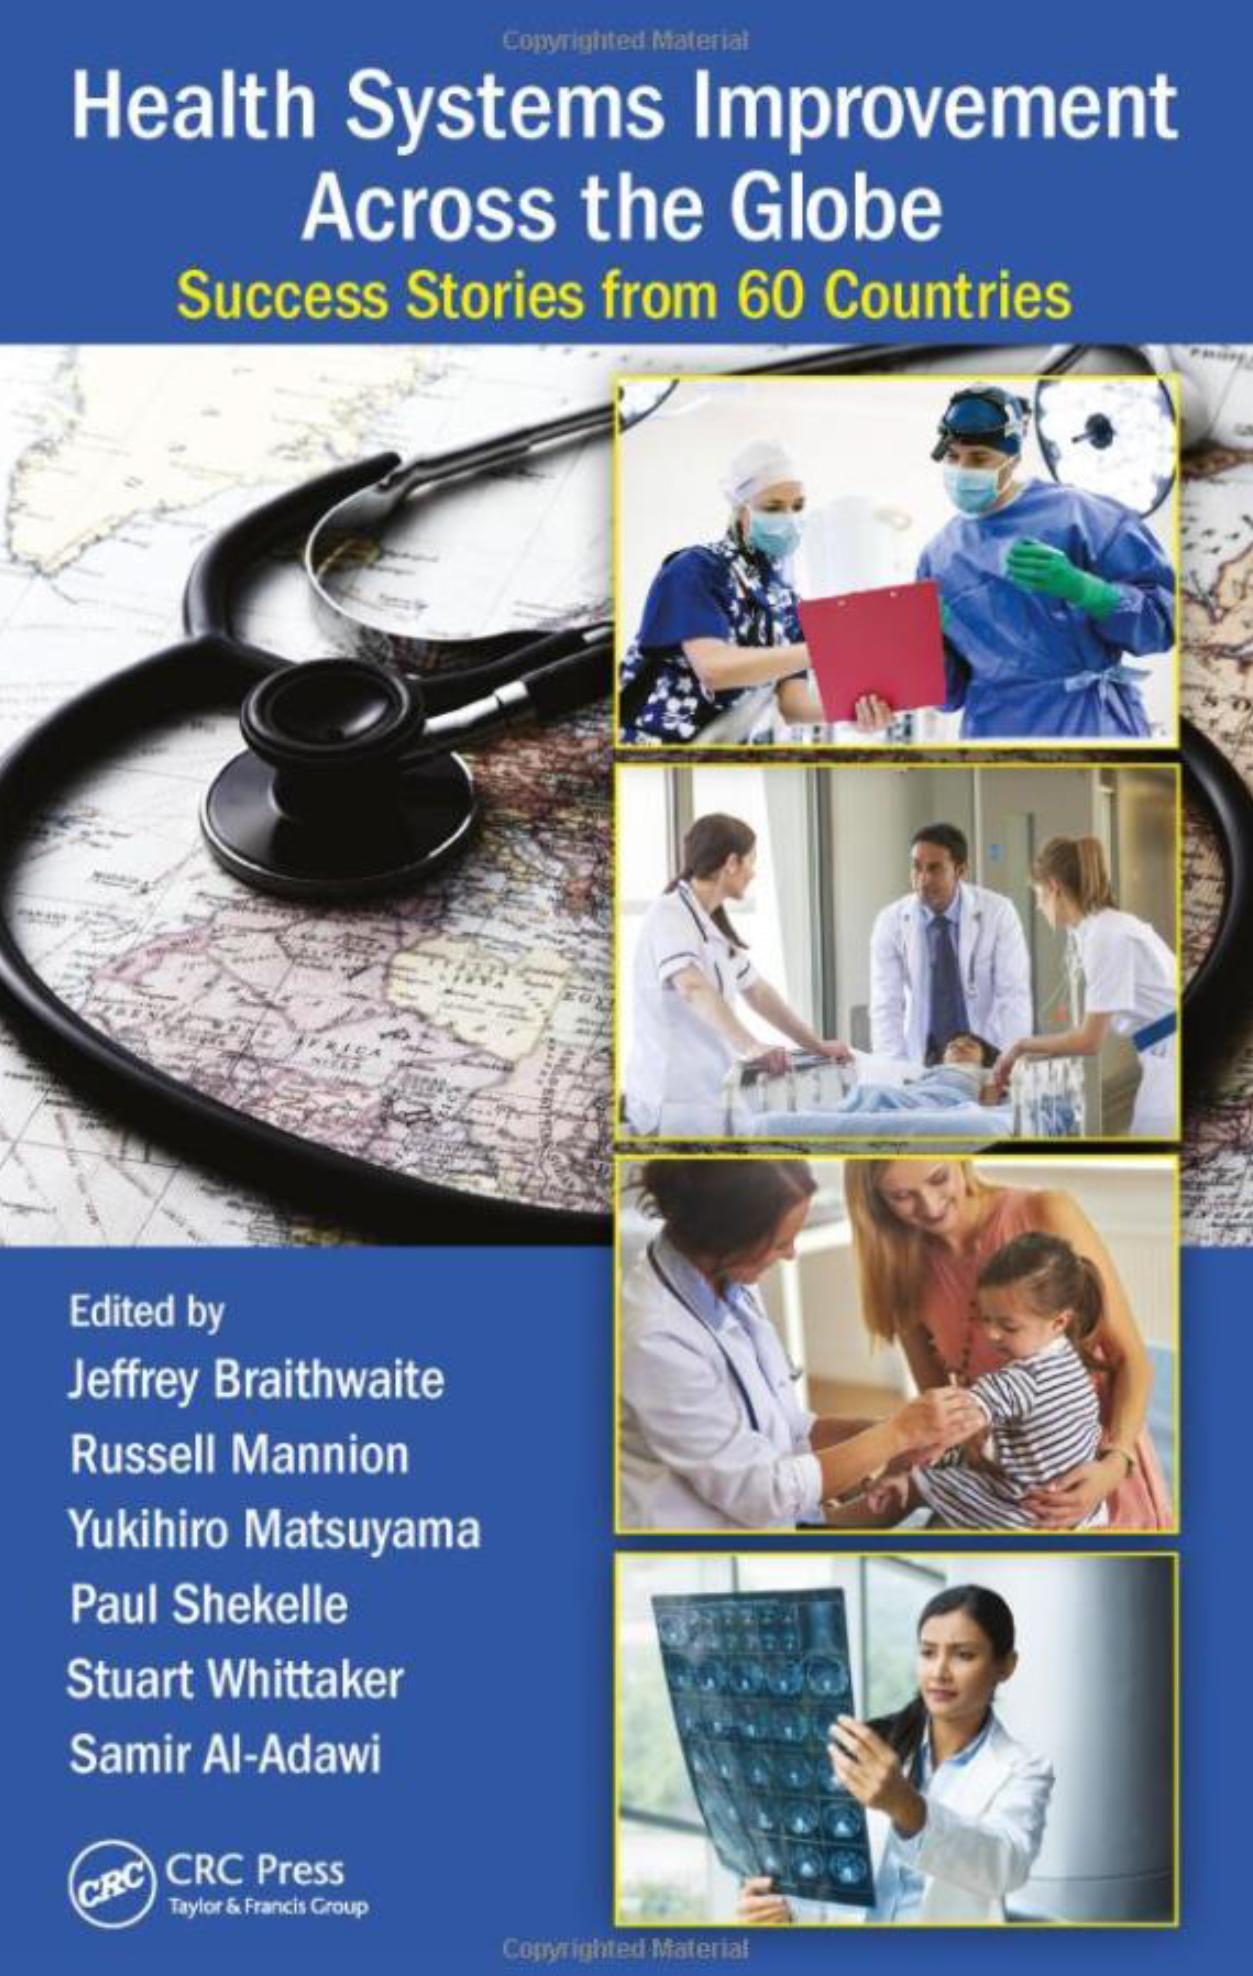 Russia: Progress in Healthcare Quality in Russia